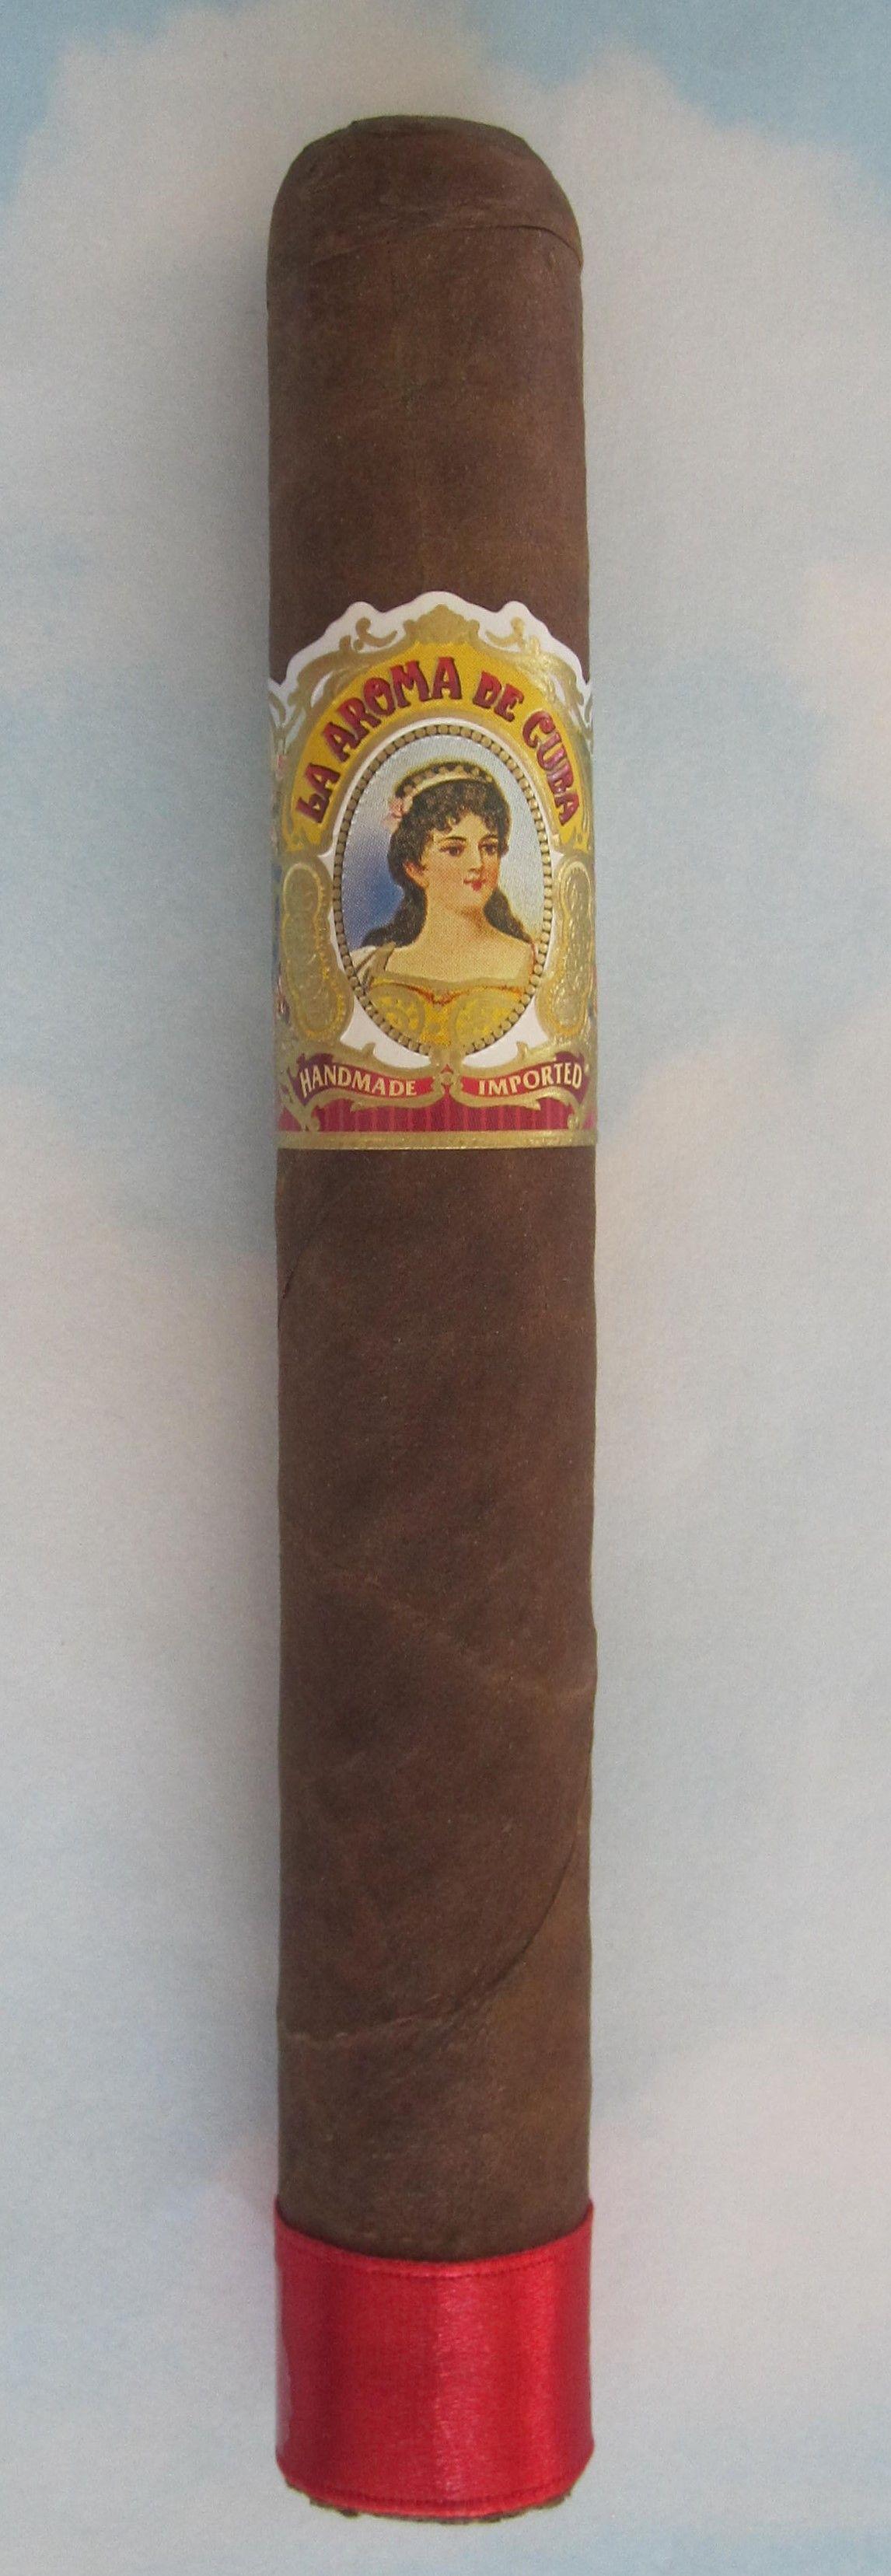 La Aroma de Cuba Monarch Cigar